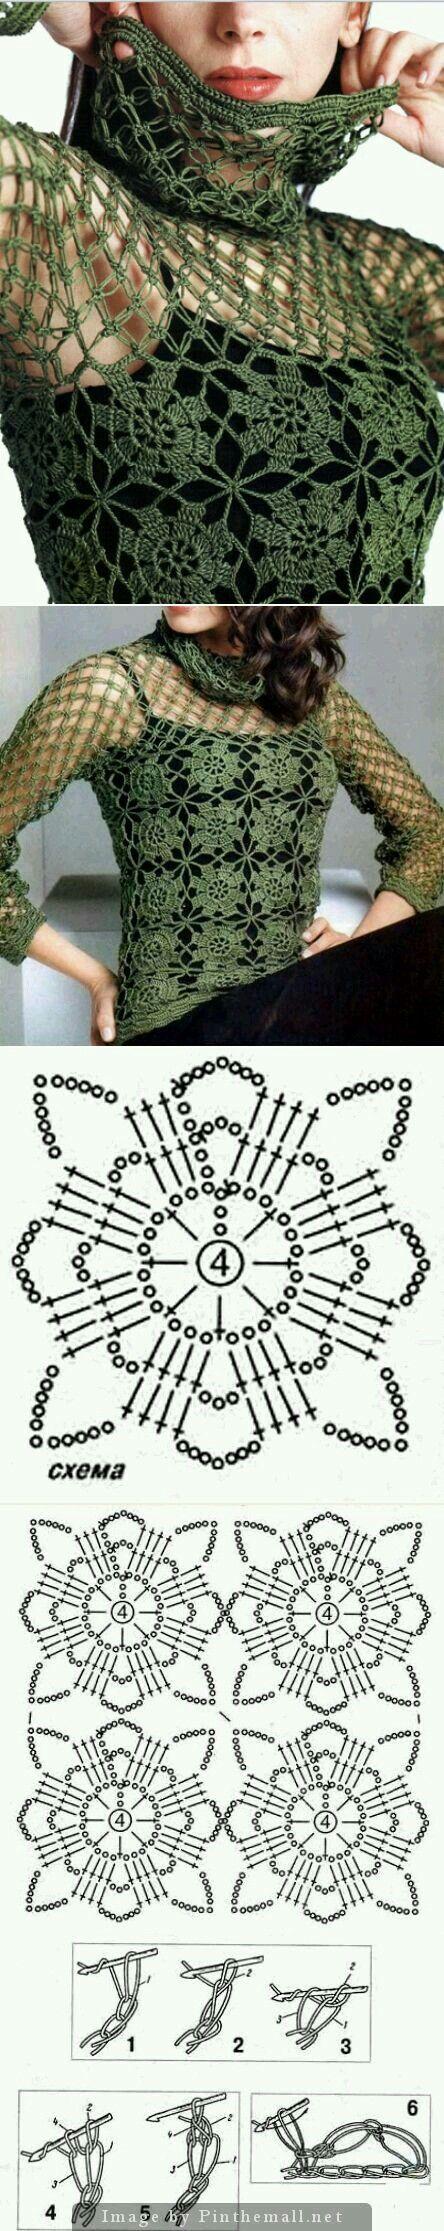 Pin von Anita auf Crochet   Pinterest   Häkelmuster und Häkeln